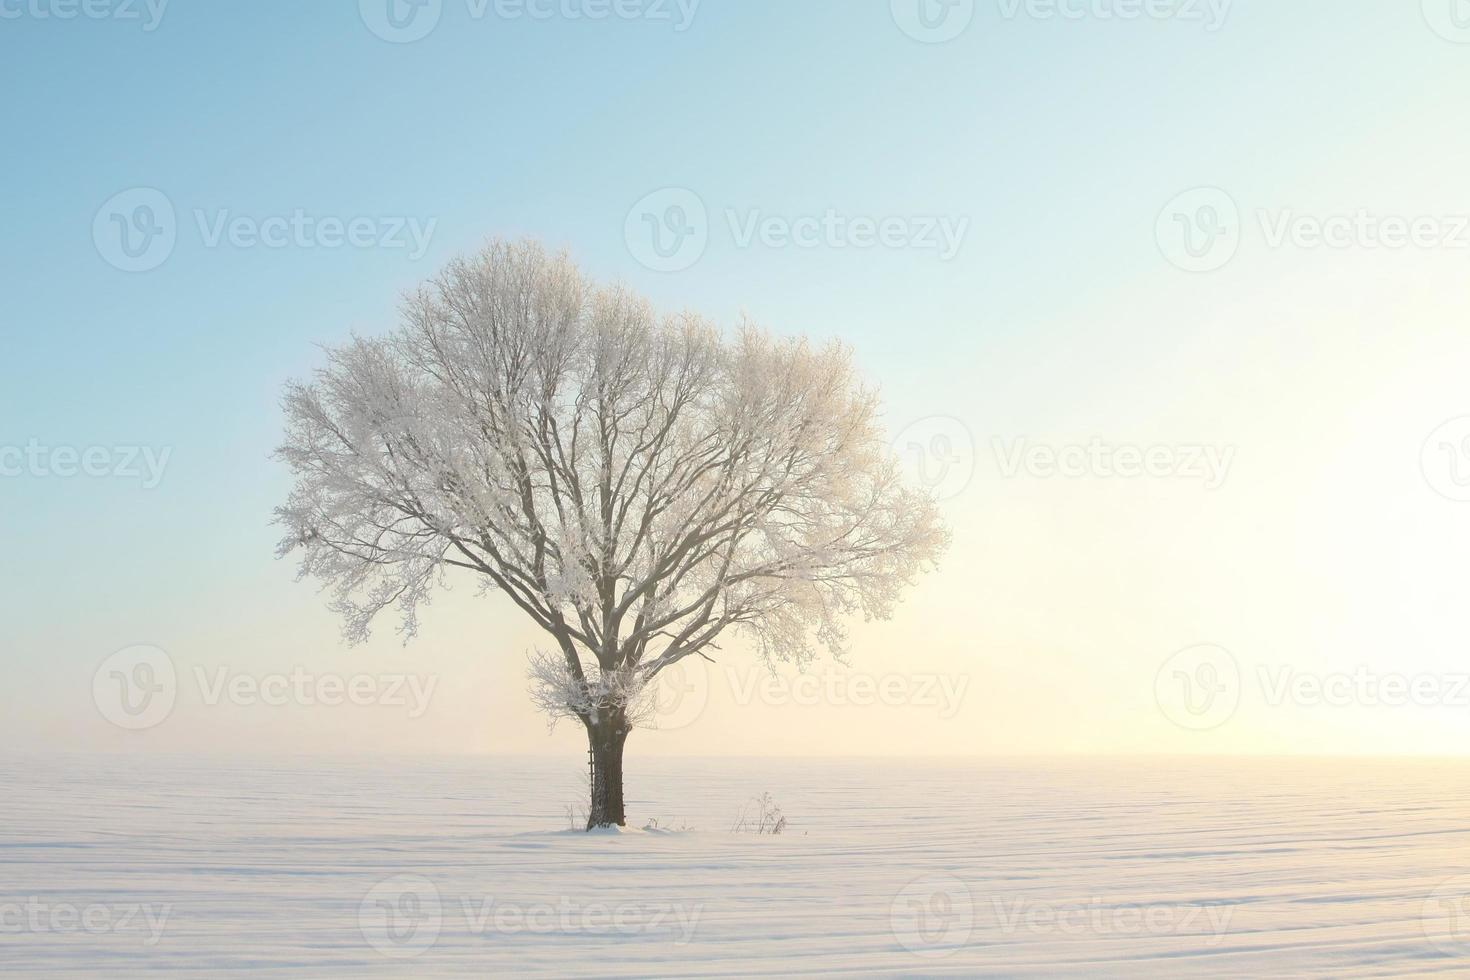 einzelner gefrosteter Baum im Schnee im Morgengrauen foto